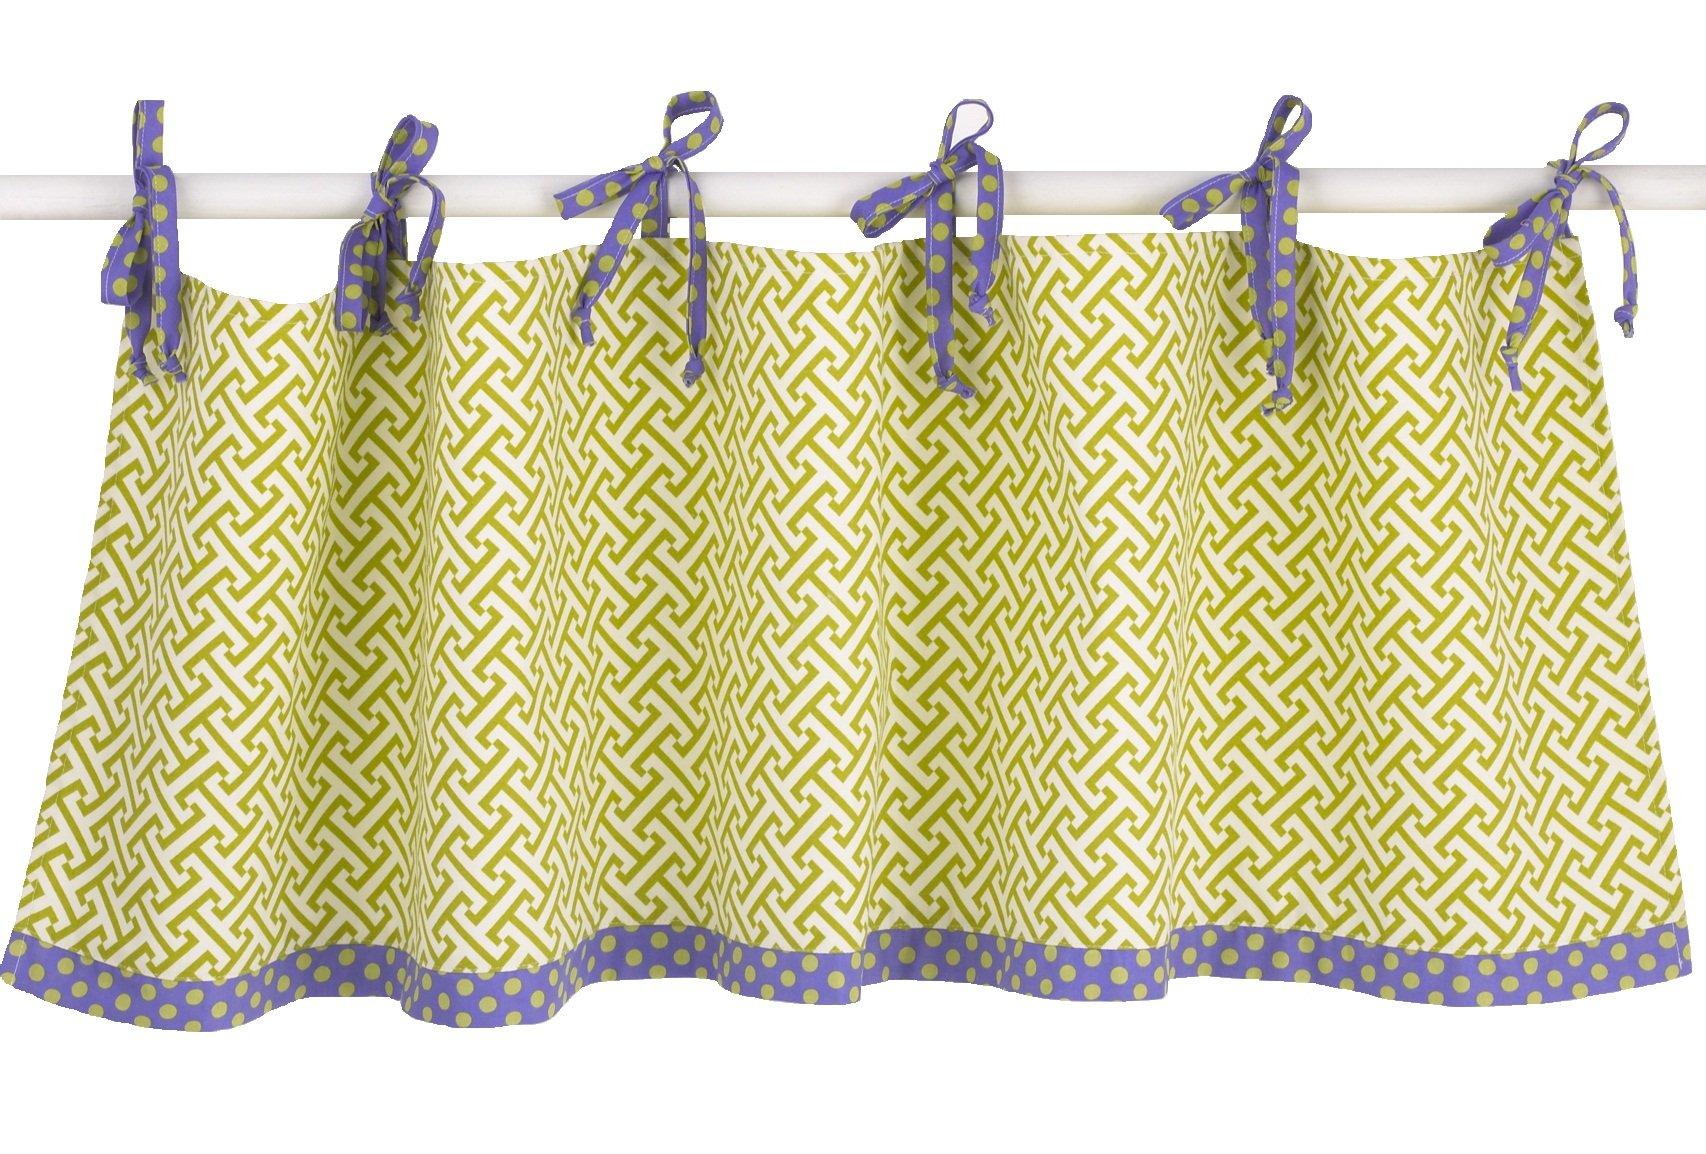 Cotton Tale Designs Valance, Periwinkle